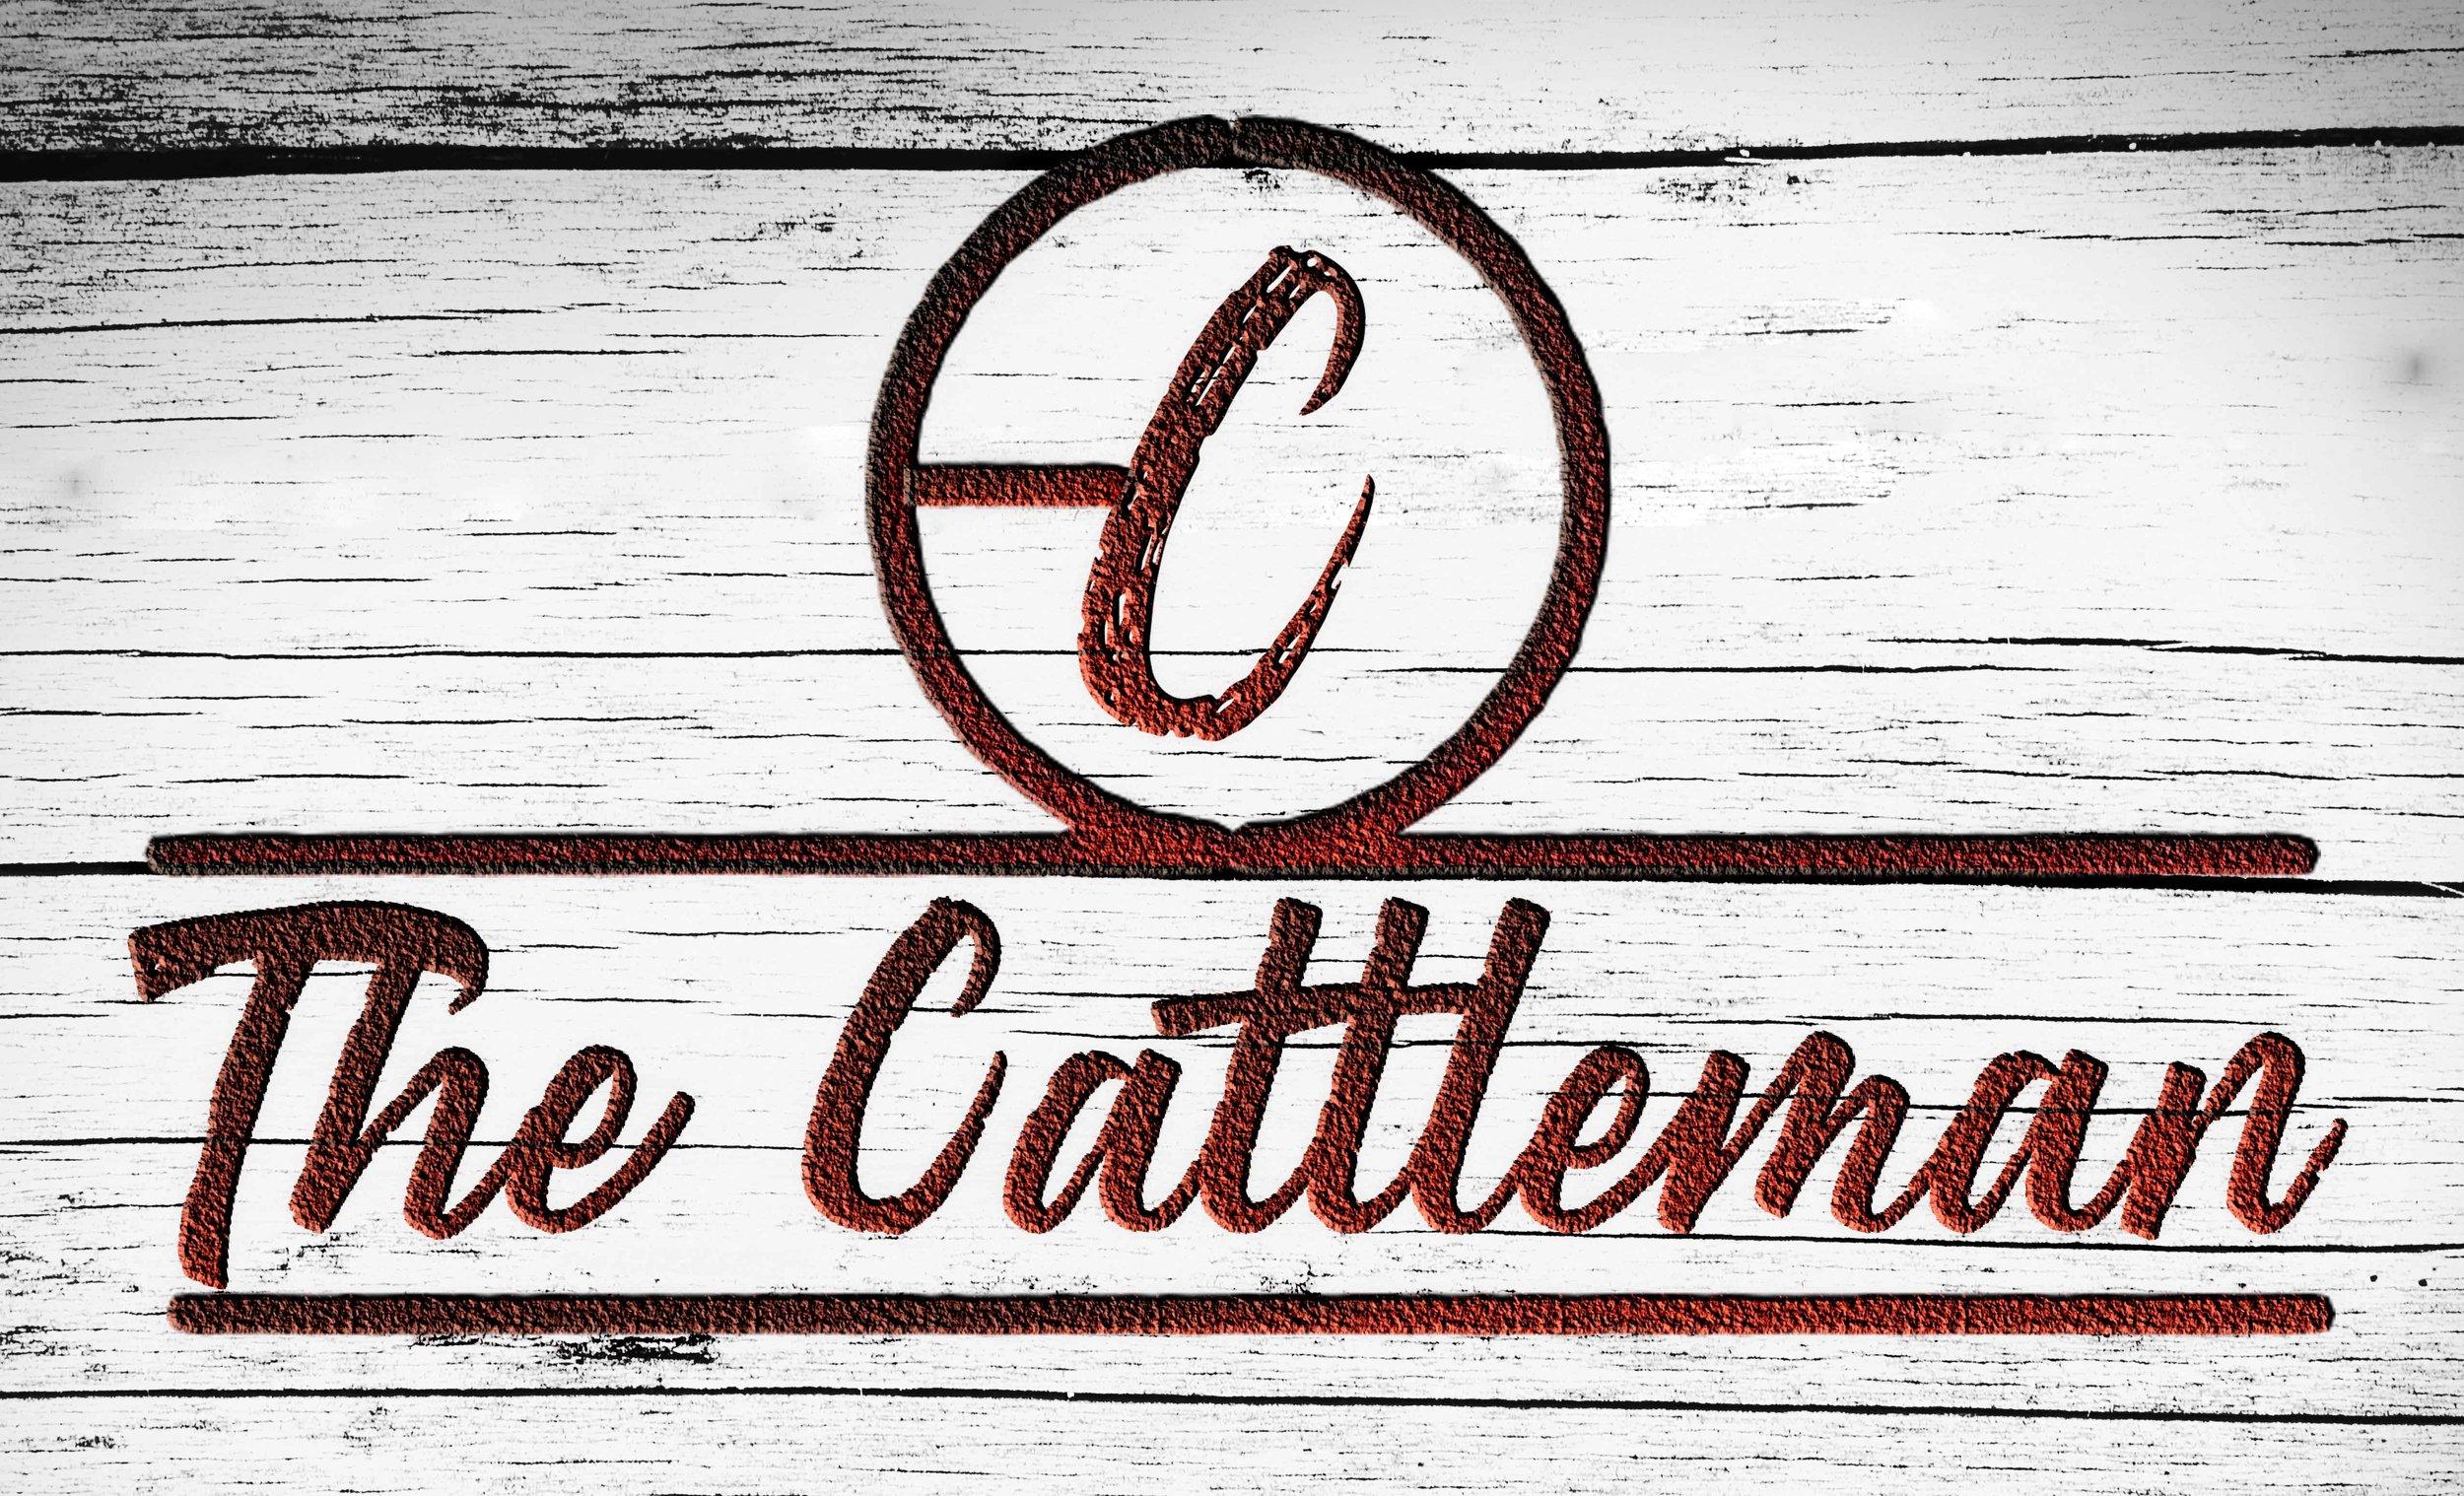 cattleman3.jpg